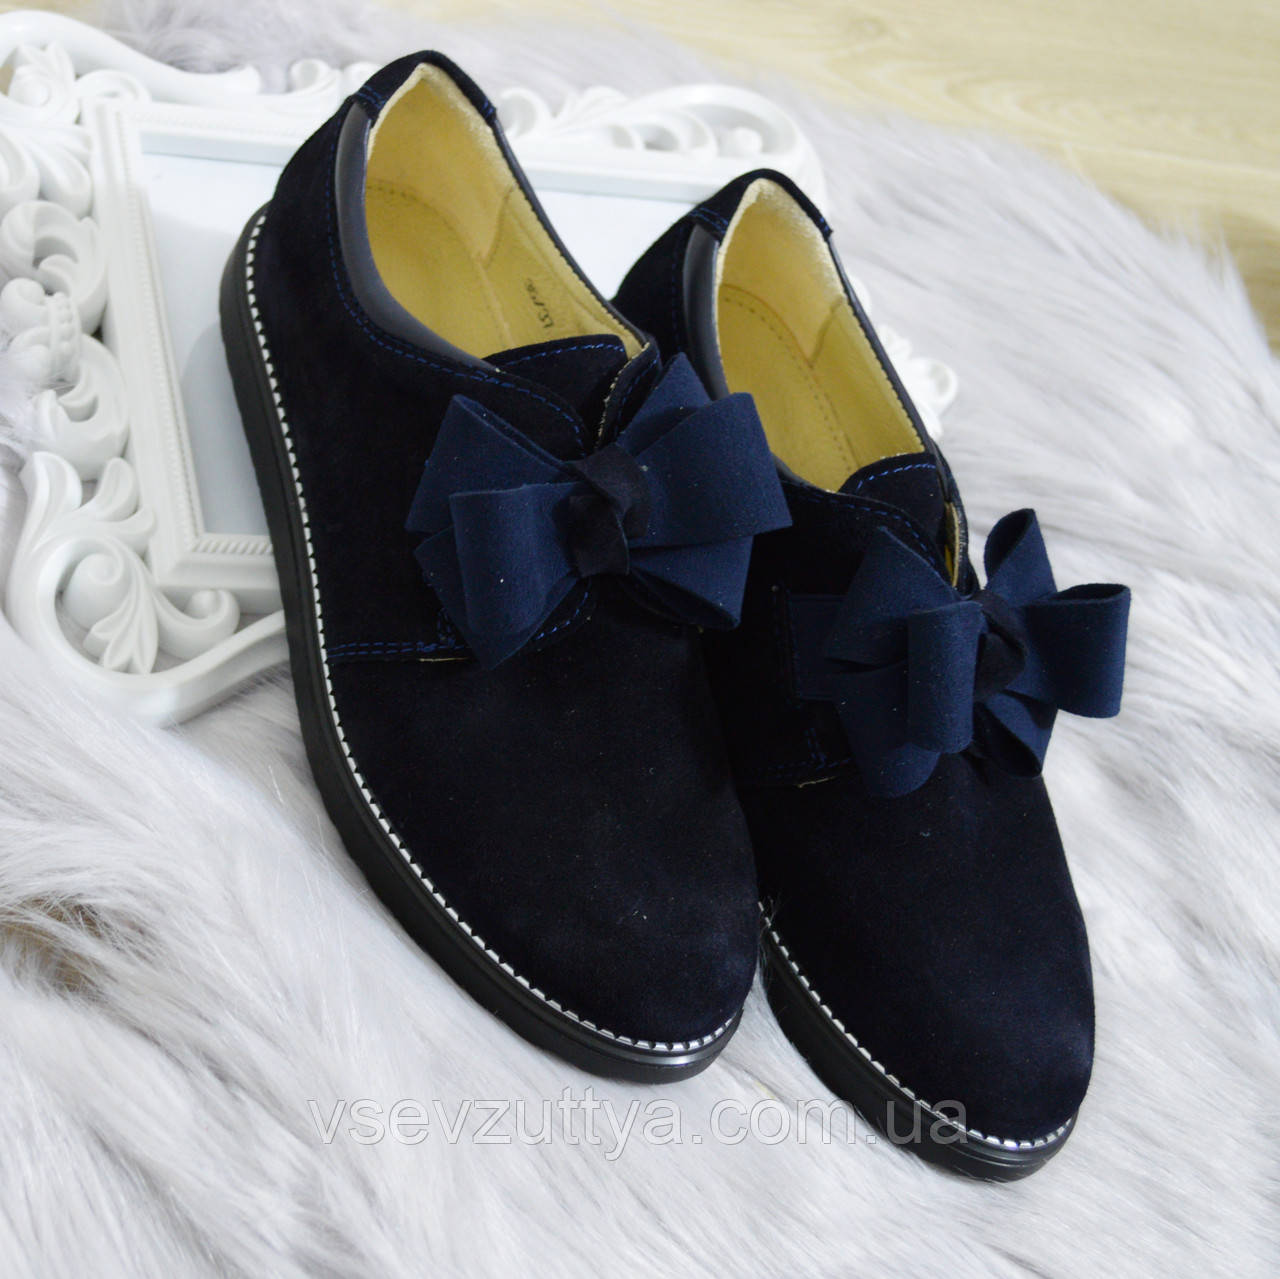 e089fdffc9b9fd Туфлі жіночі сині натуральні замшеві. Тільки 37 і 38 розміри! -  Інтернет-магазин